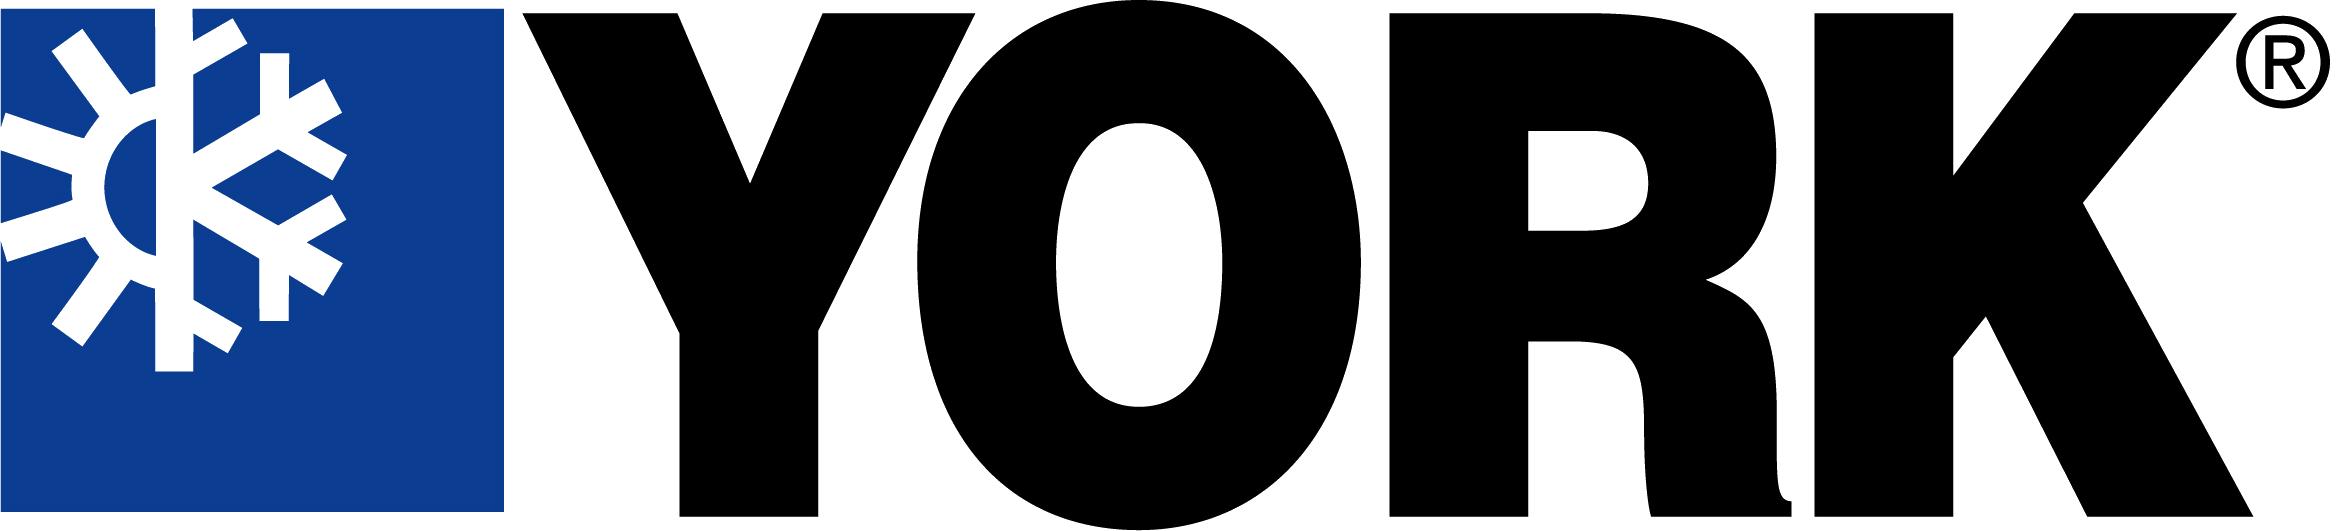 york-logo-png-3